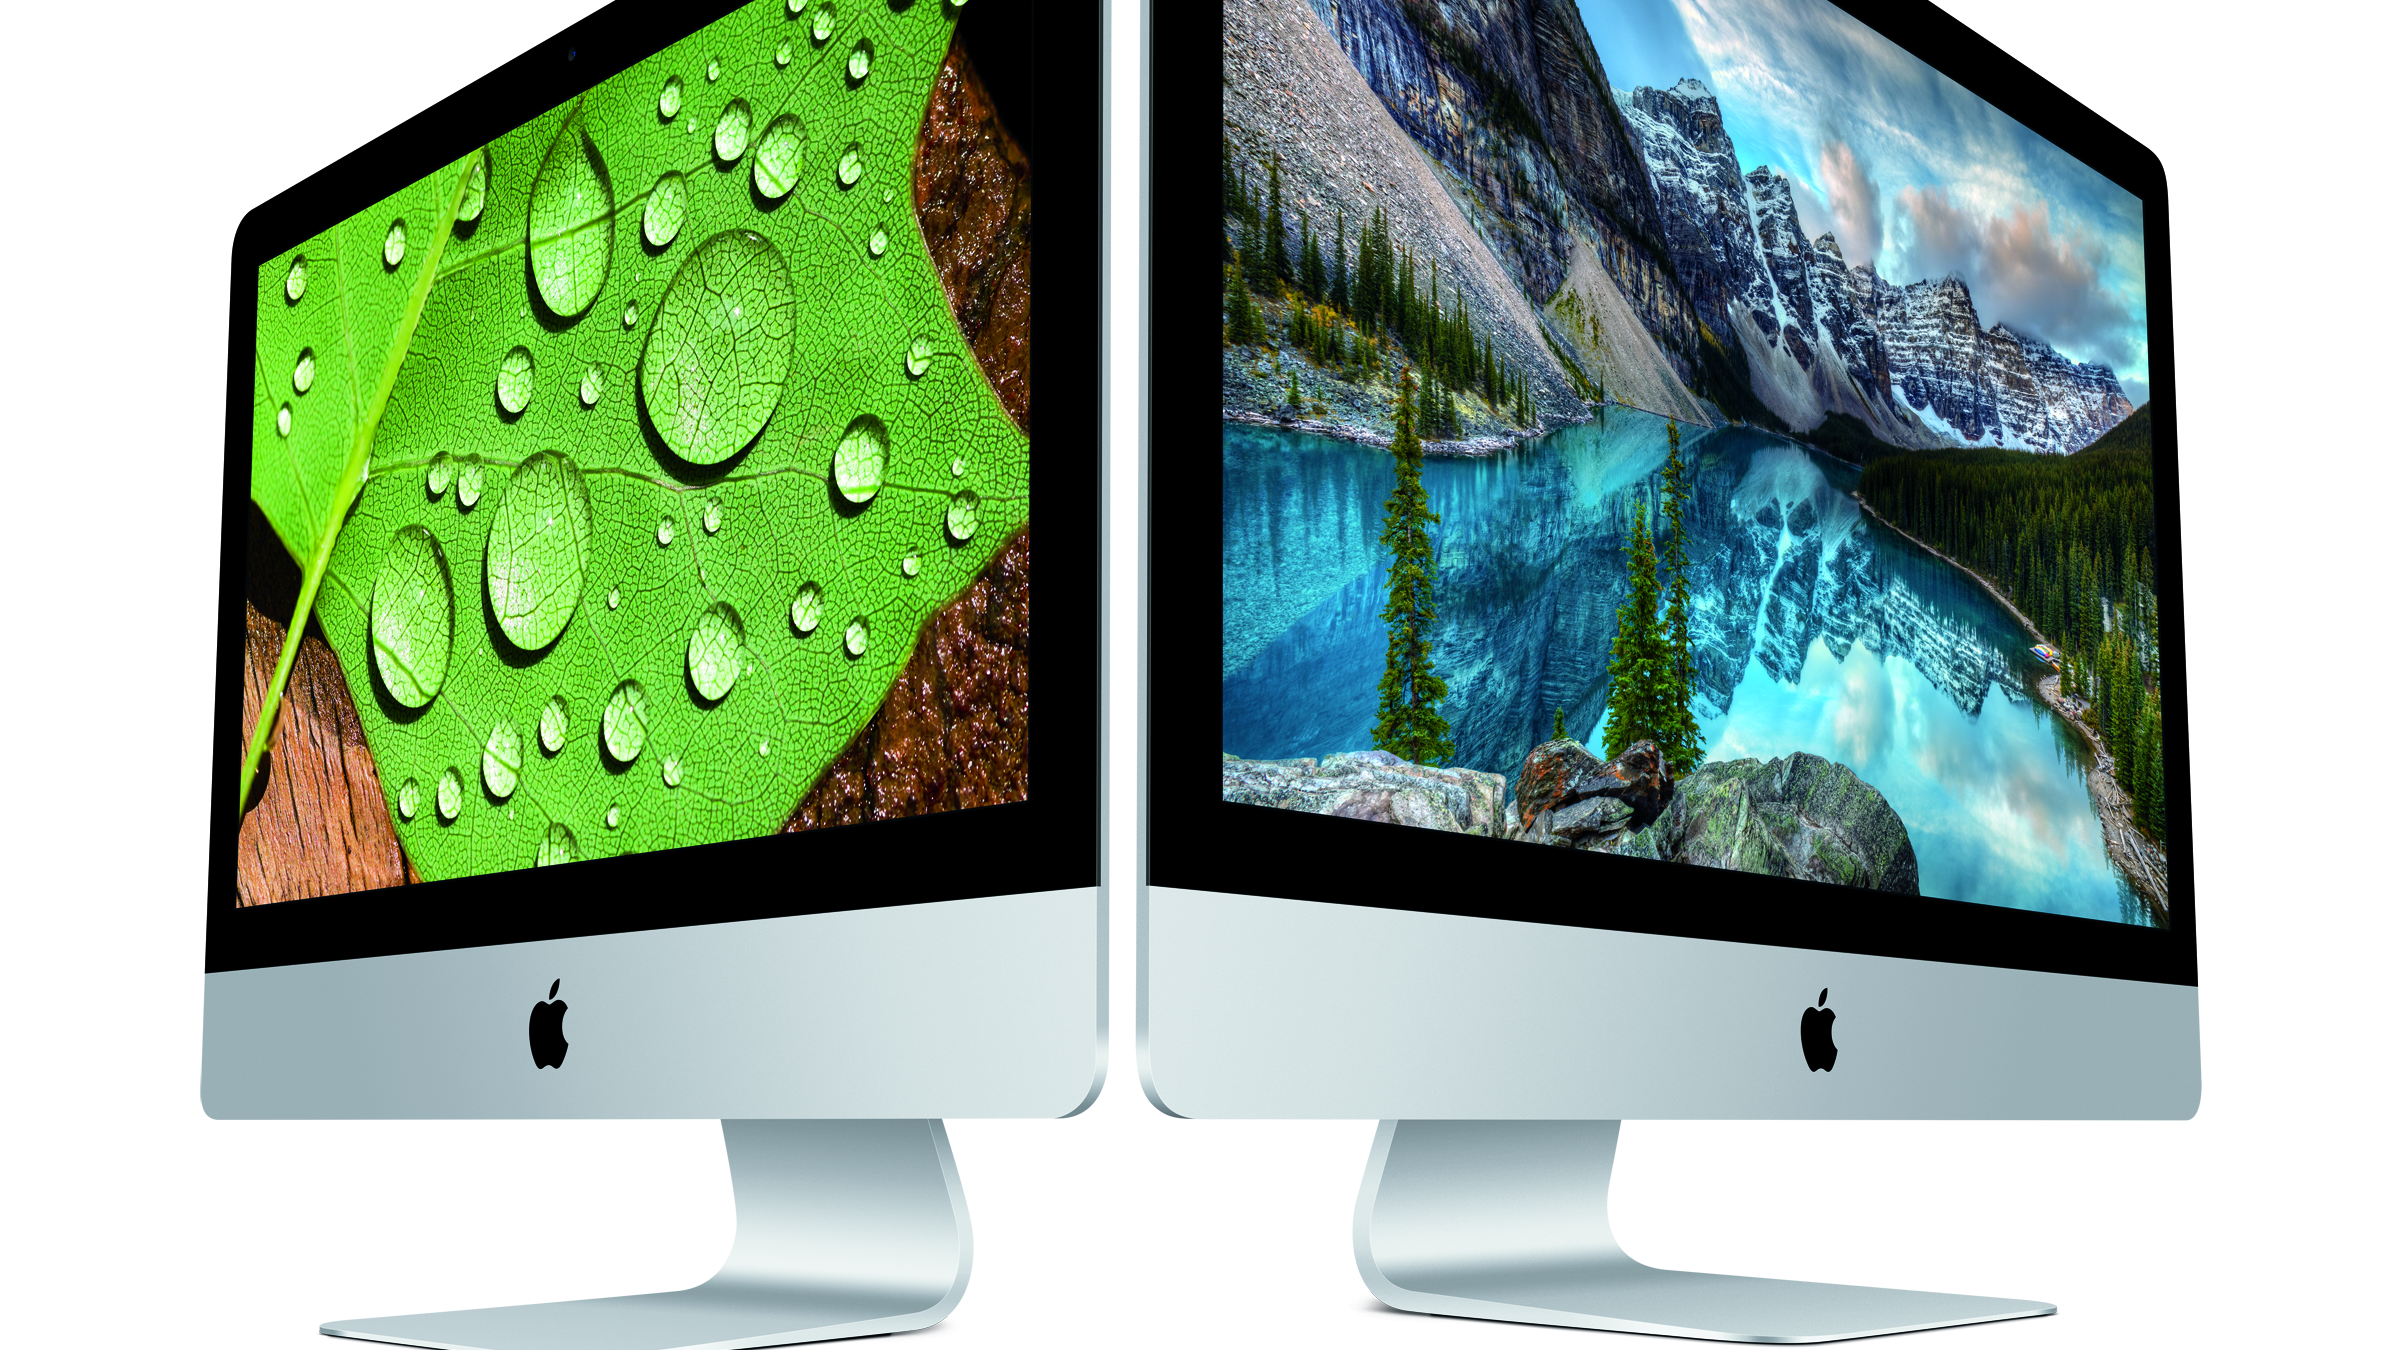 Apple skrur opp prisene på maskinene sine, og lanserer ny iMac i samme slengen